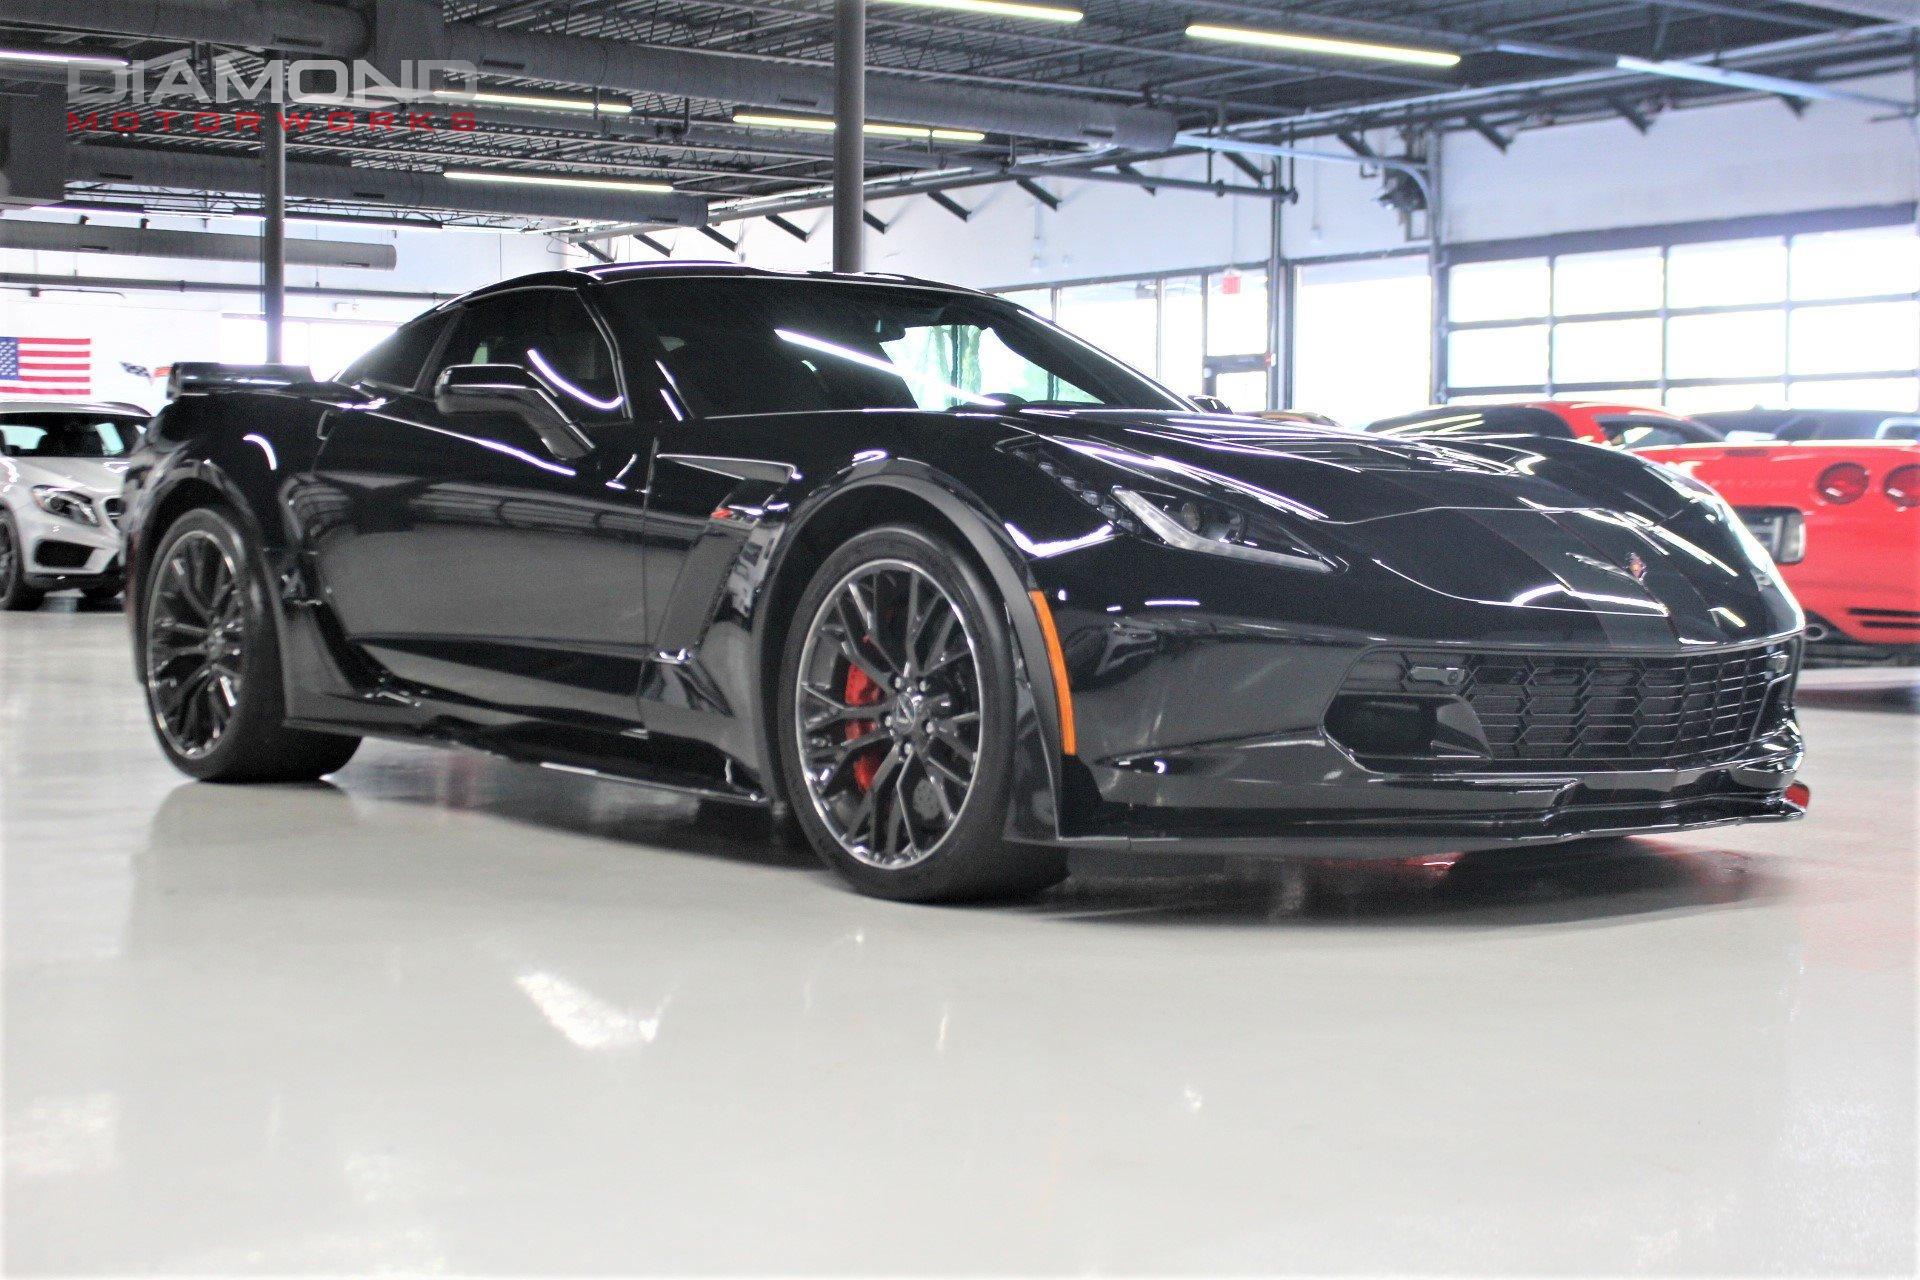 2016 Corvette Z07 >> 2016 Chevrolet Corvette Z06 3LZ Z07 Stock # 606059 for